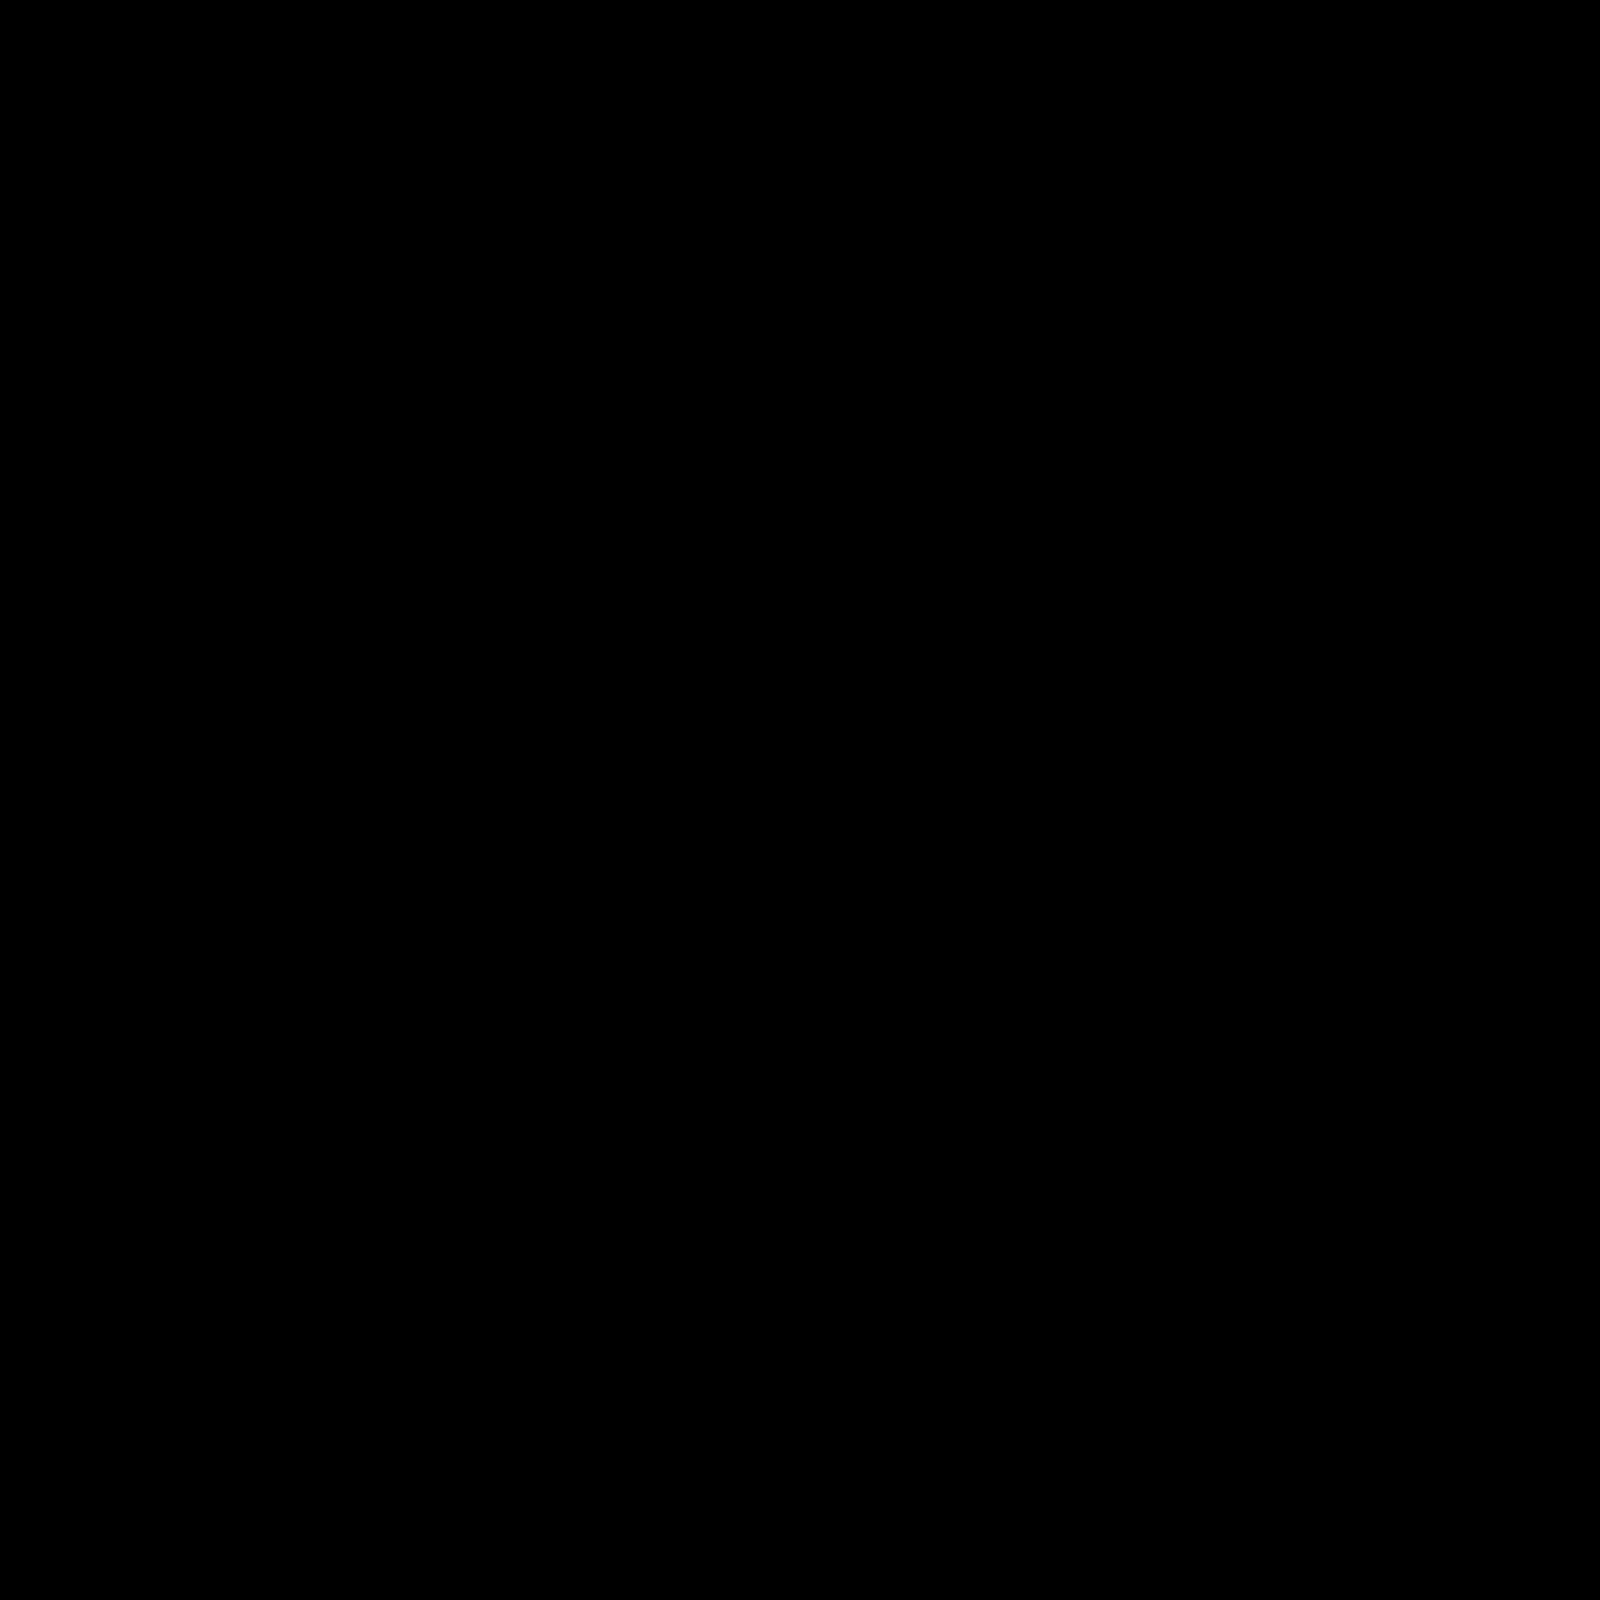 Иконка ドアハンガー скачать бесплатно в png и векторе